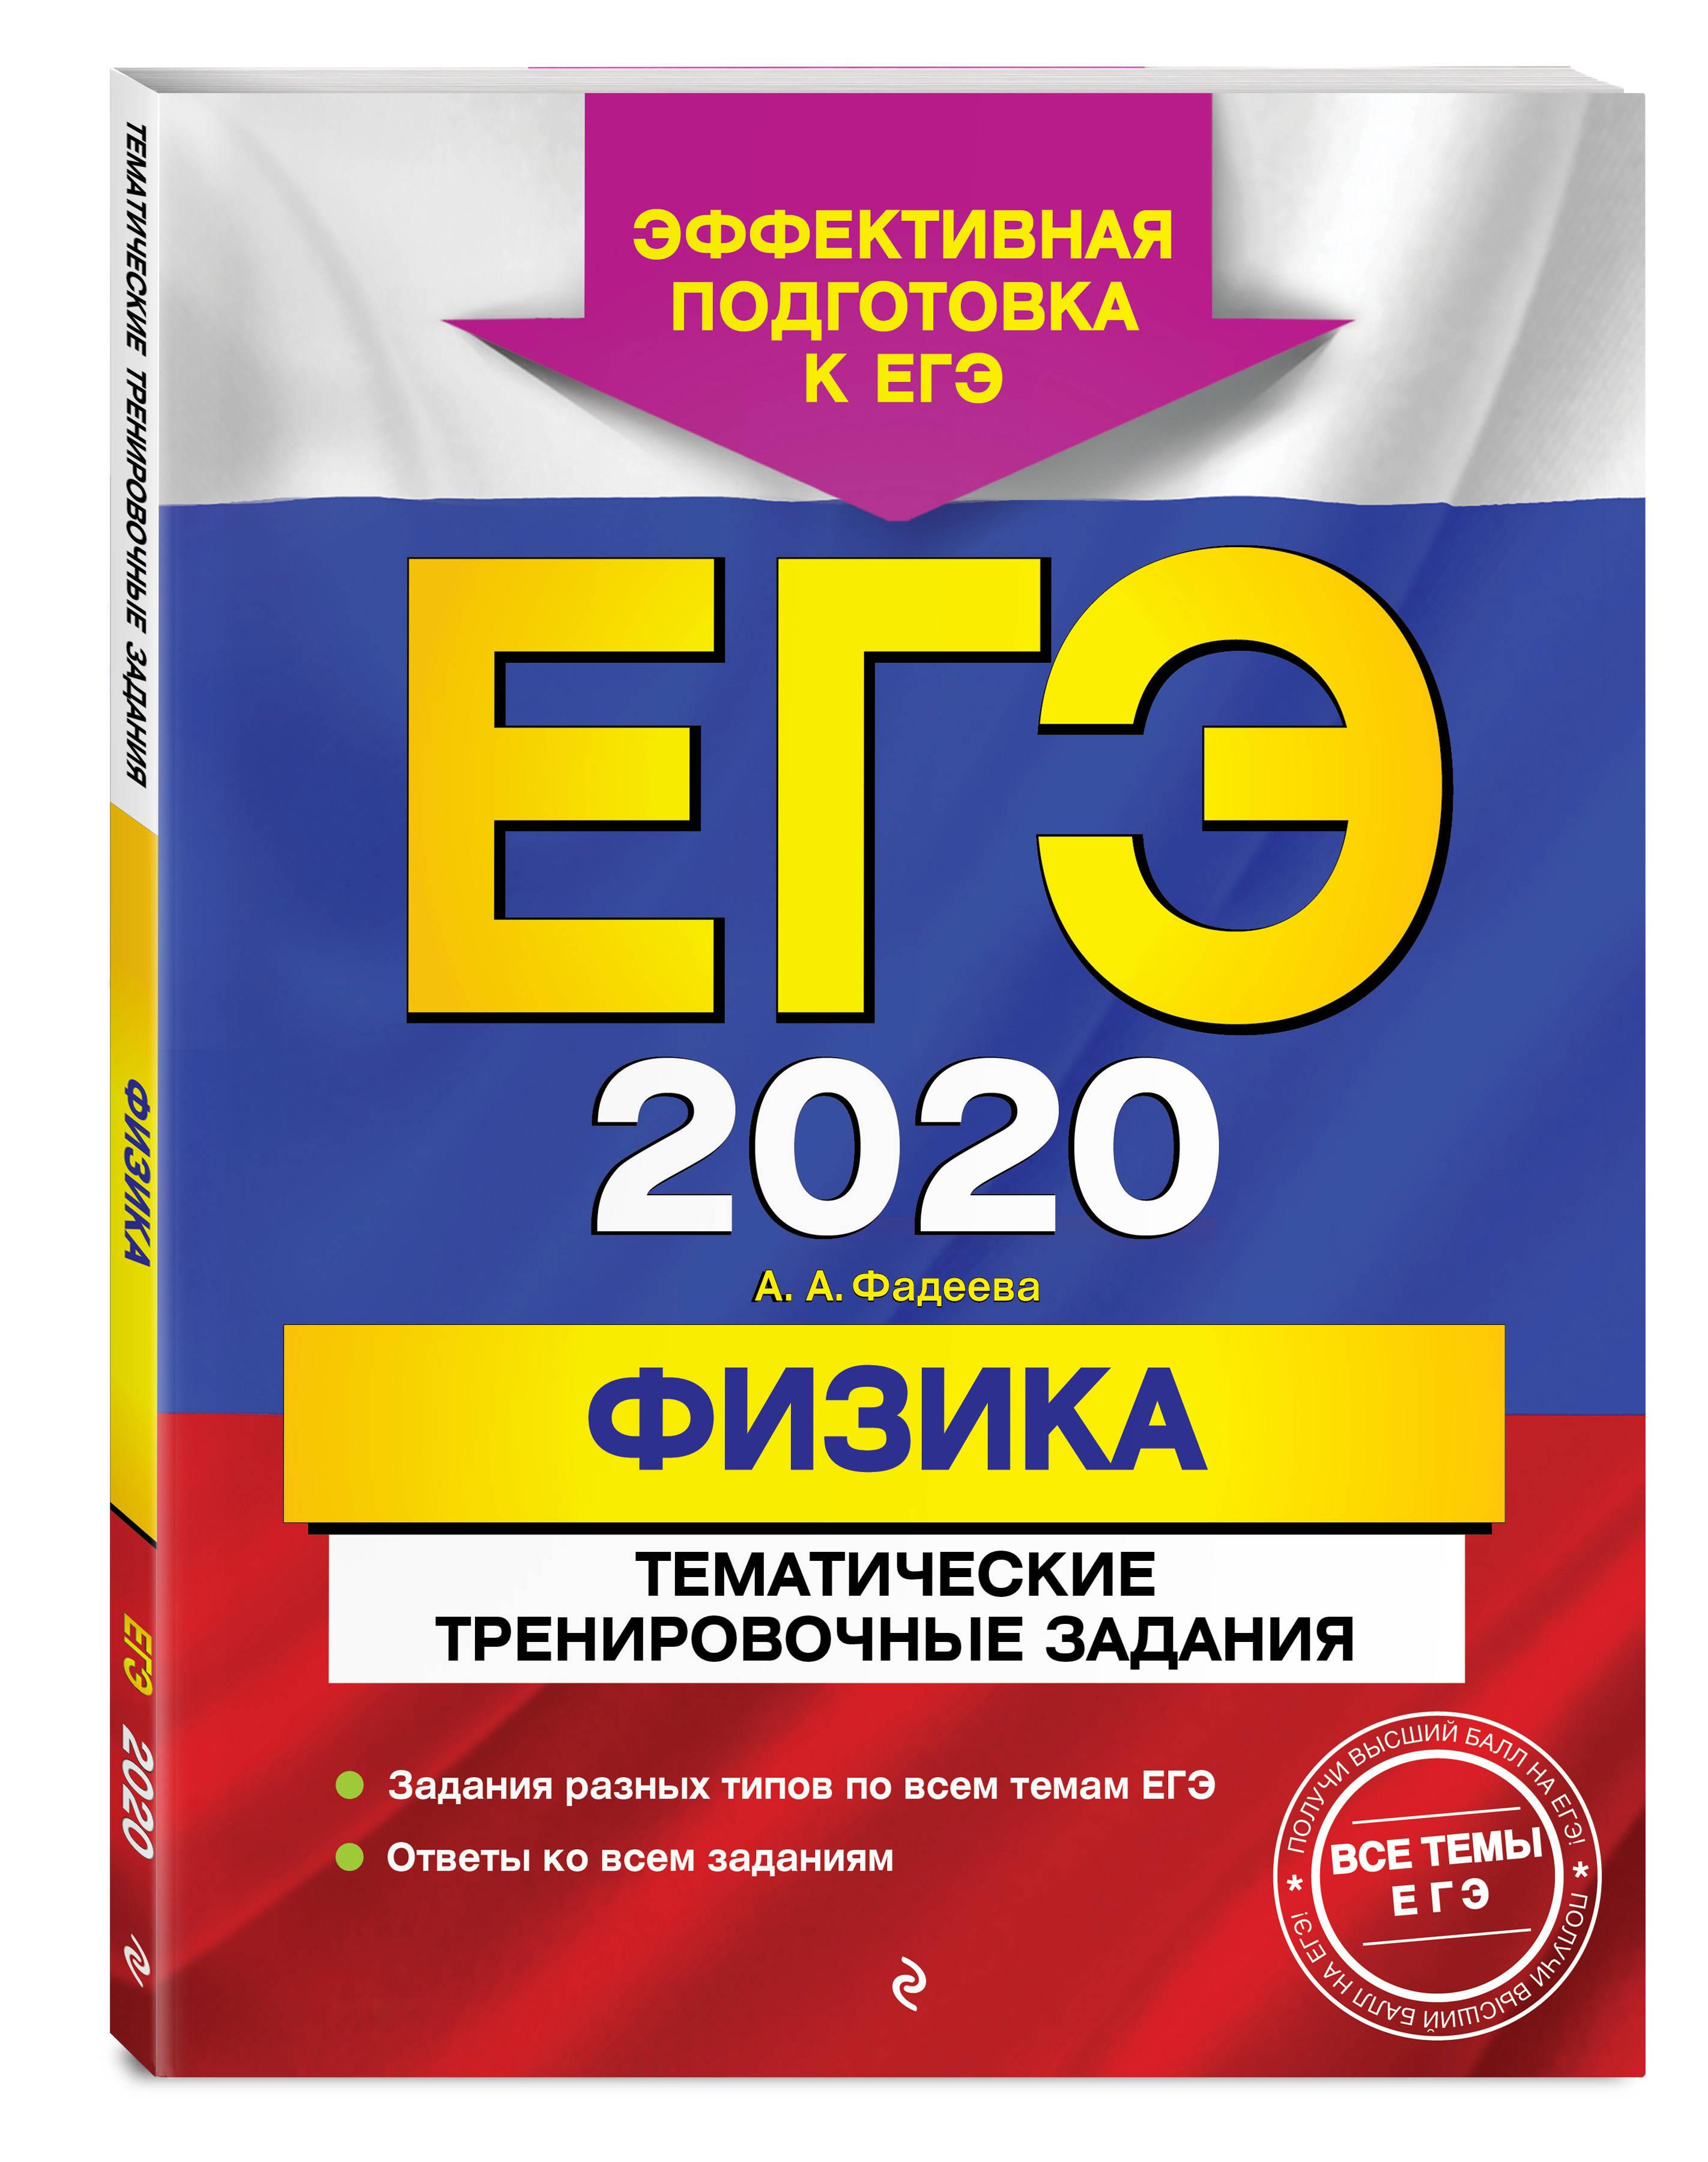 А. А. Фадеева ЕГЭ-2020. Физика. Тематические тренировочные задания